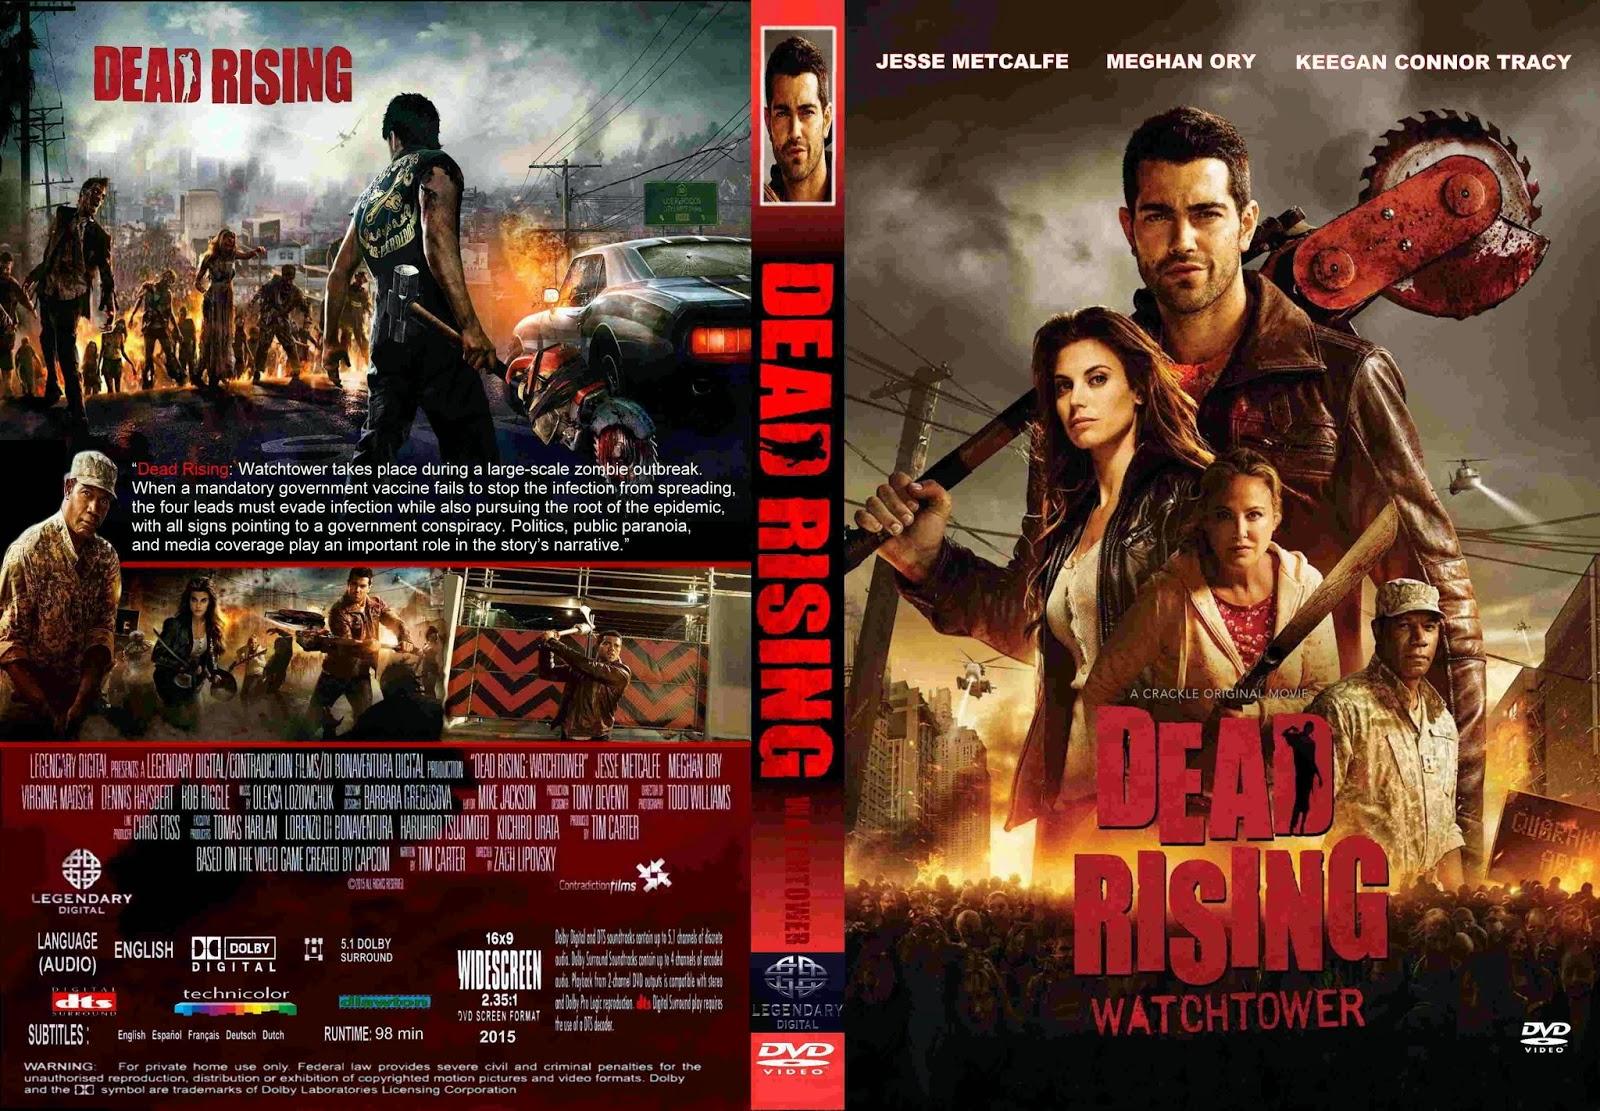 Baixar Dead Rising Watchtower BDRip XviD Dual Áudio Dead Rising Watchtower  2015  R0 CUSTOM  5Bfront 5D  5Bwww